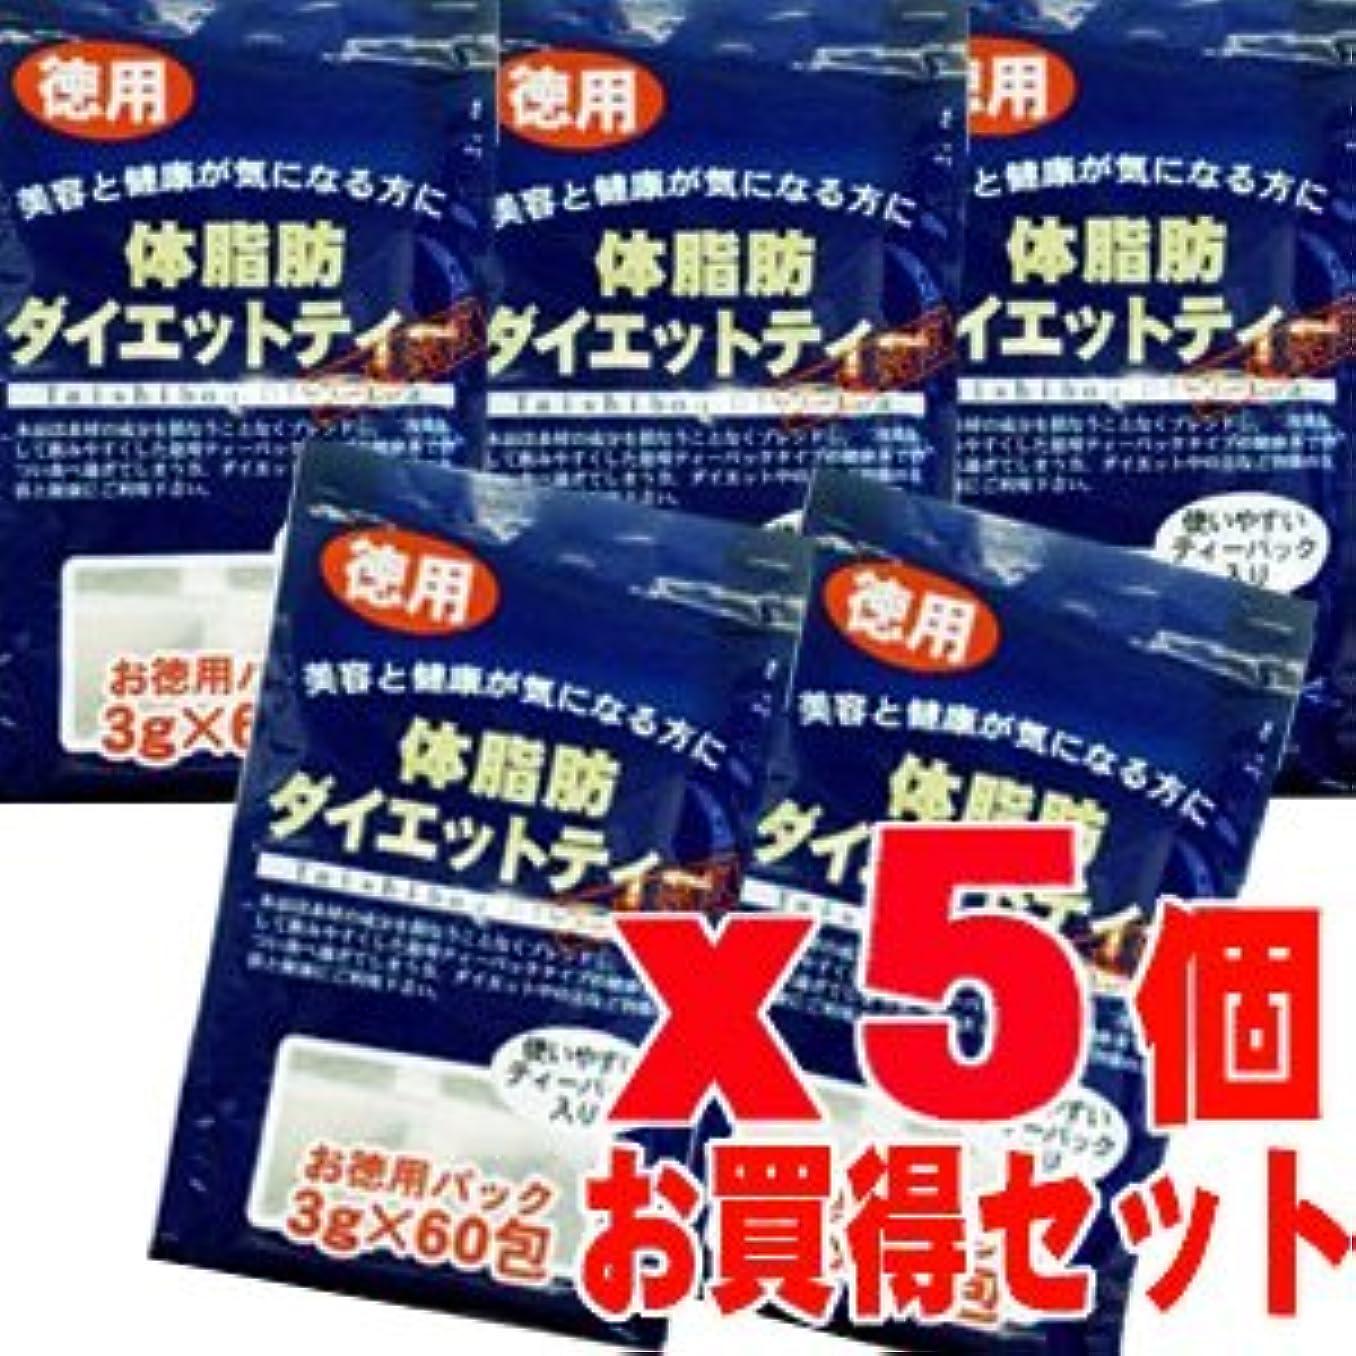 バスルームマンモス成り立つユウキ製薬(株)徳用 体脂肪ダイエットティー5個セット